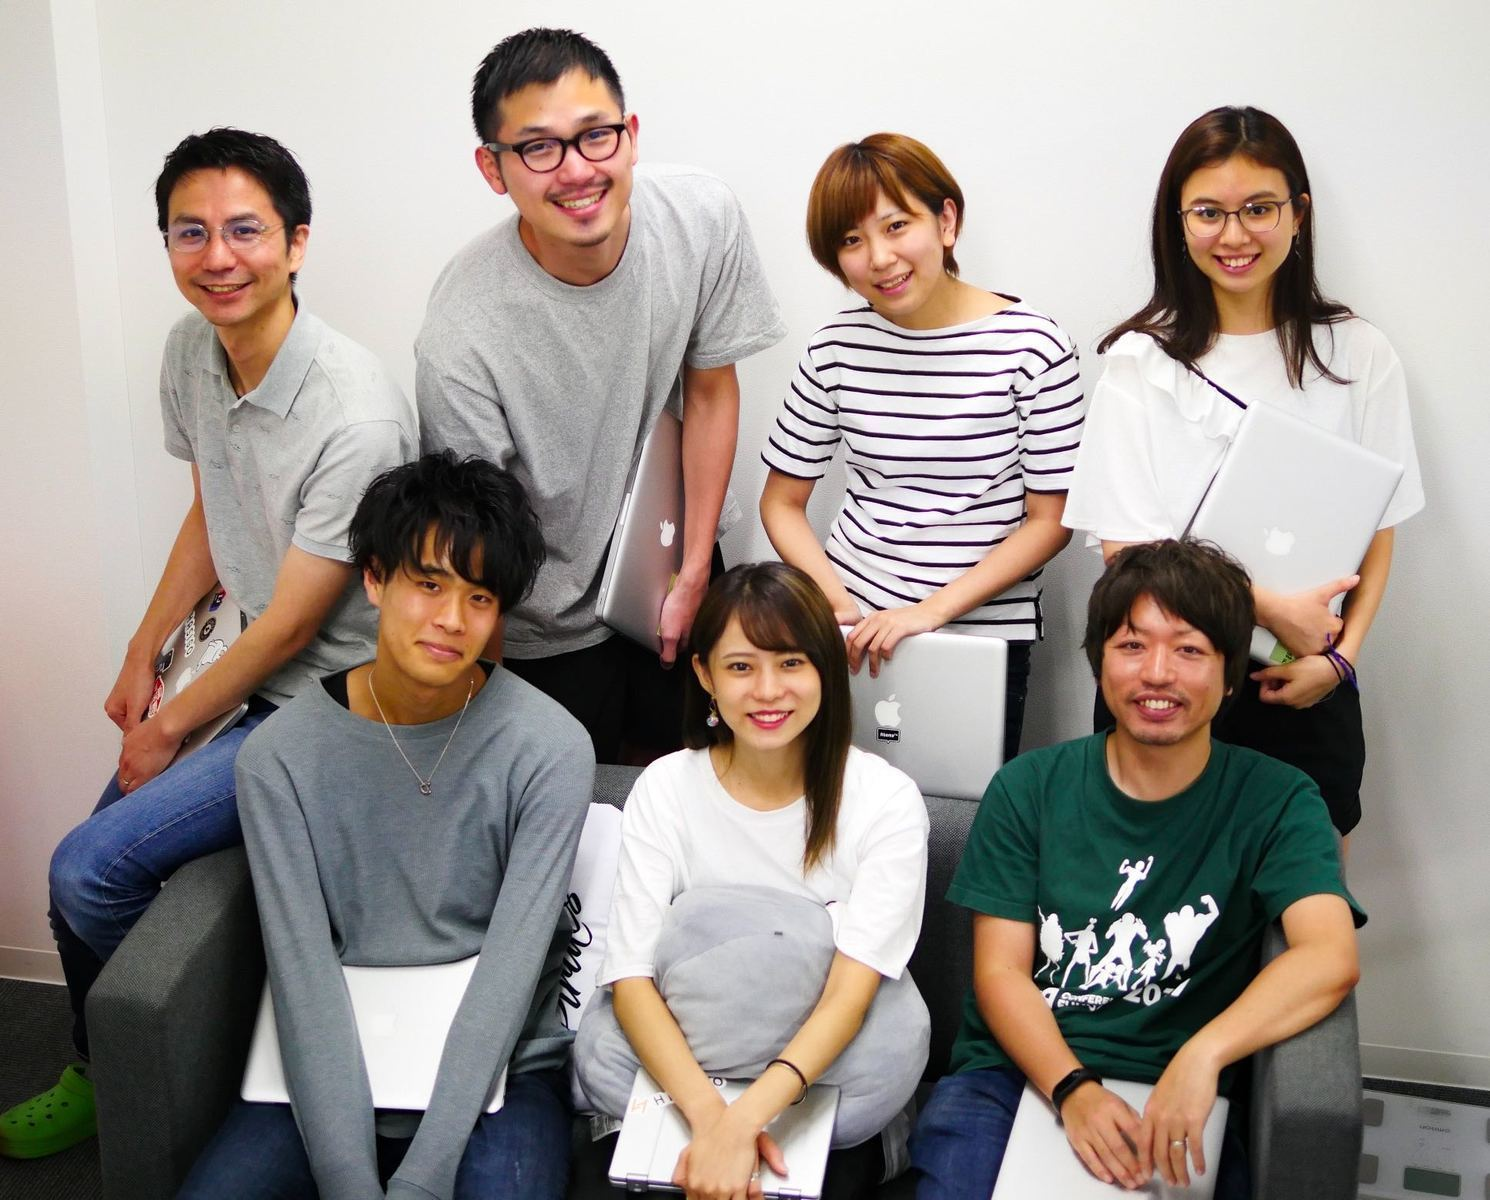 【Java】U・Iターン歓迎!サイバーエージェント子会社が福岡で働くJavaエンジニアを大募集!